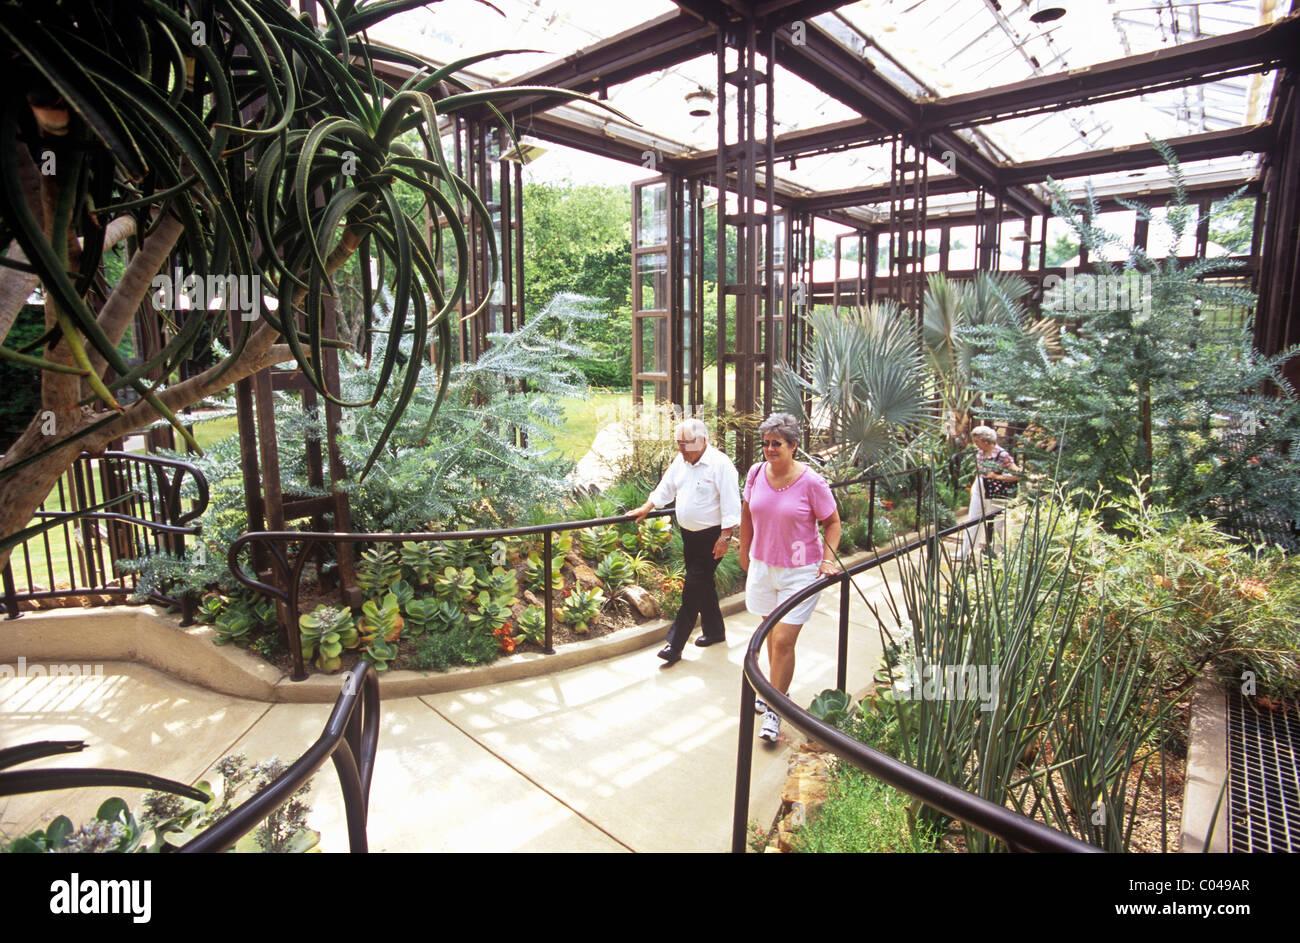 John A Sibley Horticulture Center Callaway Gardens Georgia USA